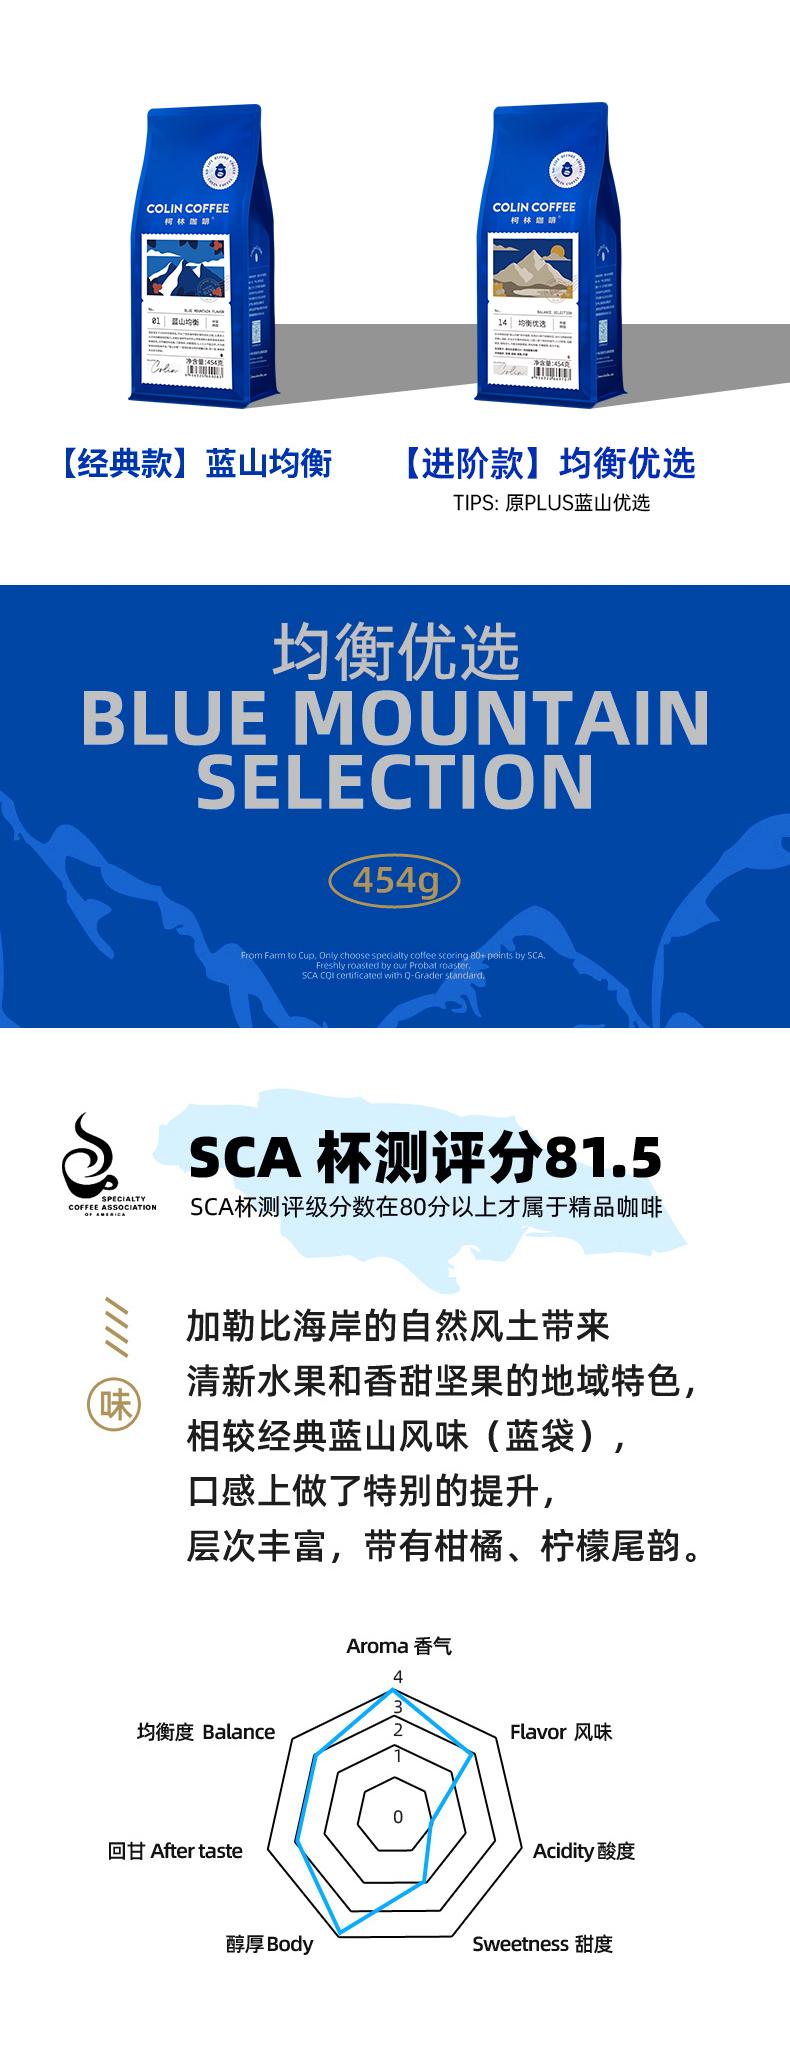 安利一款销量上百万,回头购不断的蓝山均衡咖啡豆 博主推荐 第1张